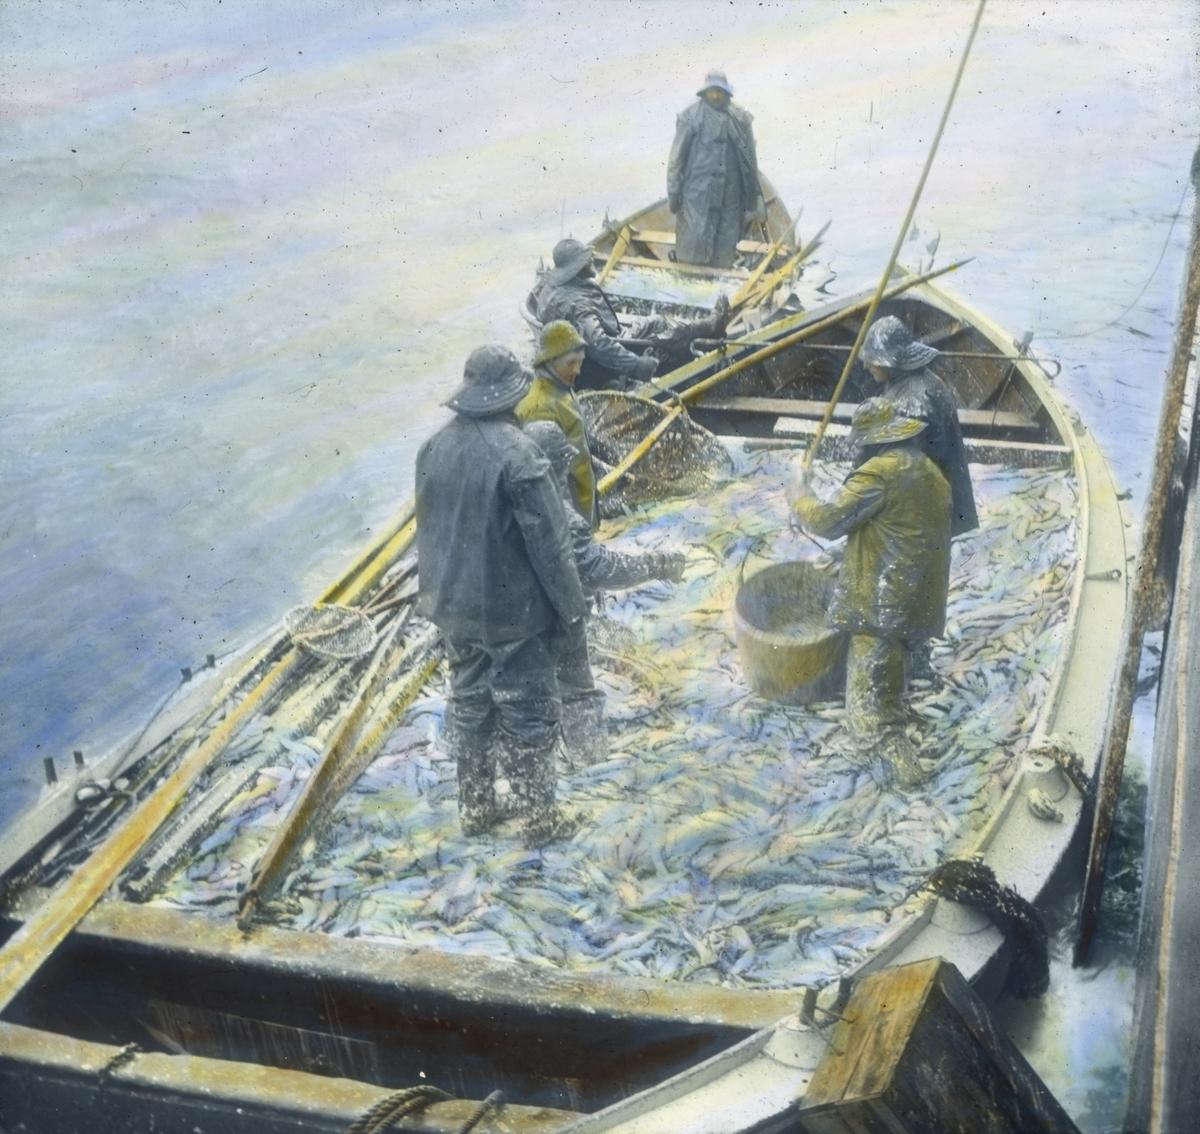 Håndkolorert dias. Fem fiskere kledd i oljehyre og sydvest står i en båt full med sild. Bak er to fiskere i en mindre robåt, også den full av sild.